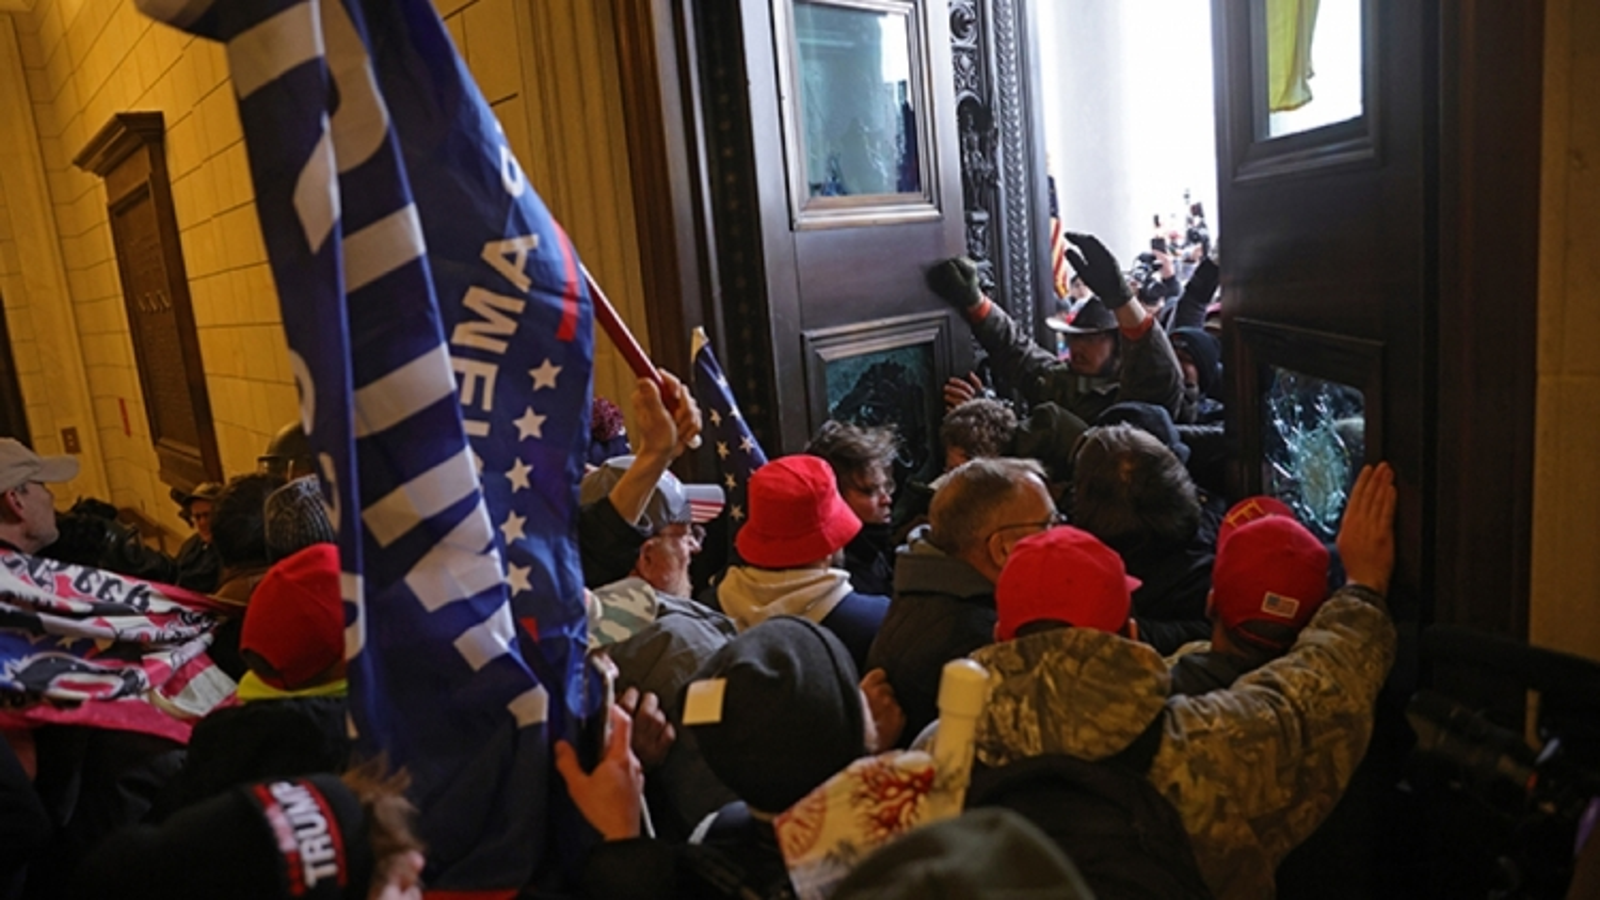 Các đồng minh châu Âu sốc trước biểu tình bạo lực tại Mỹ